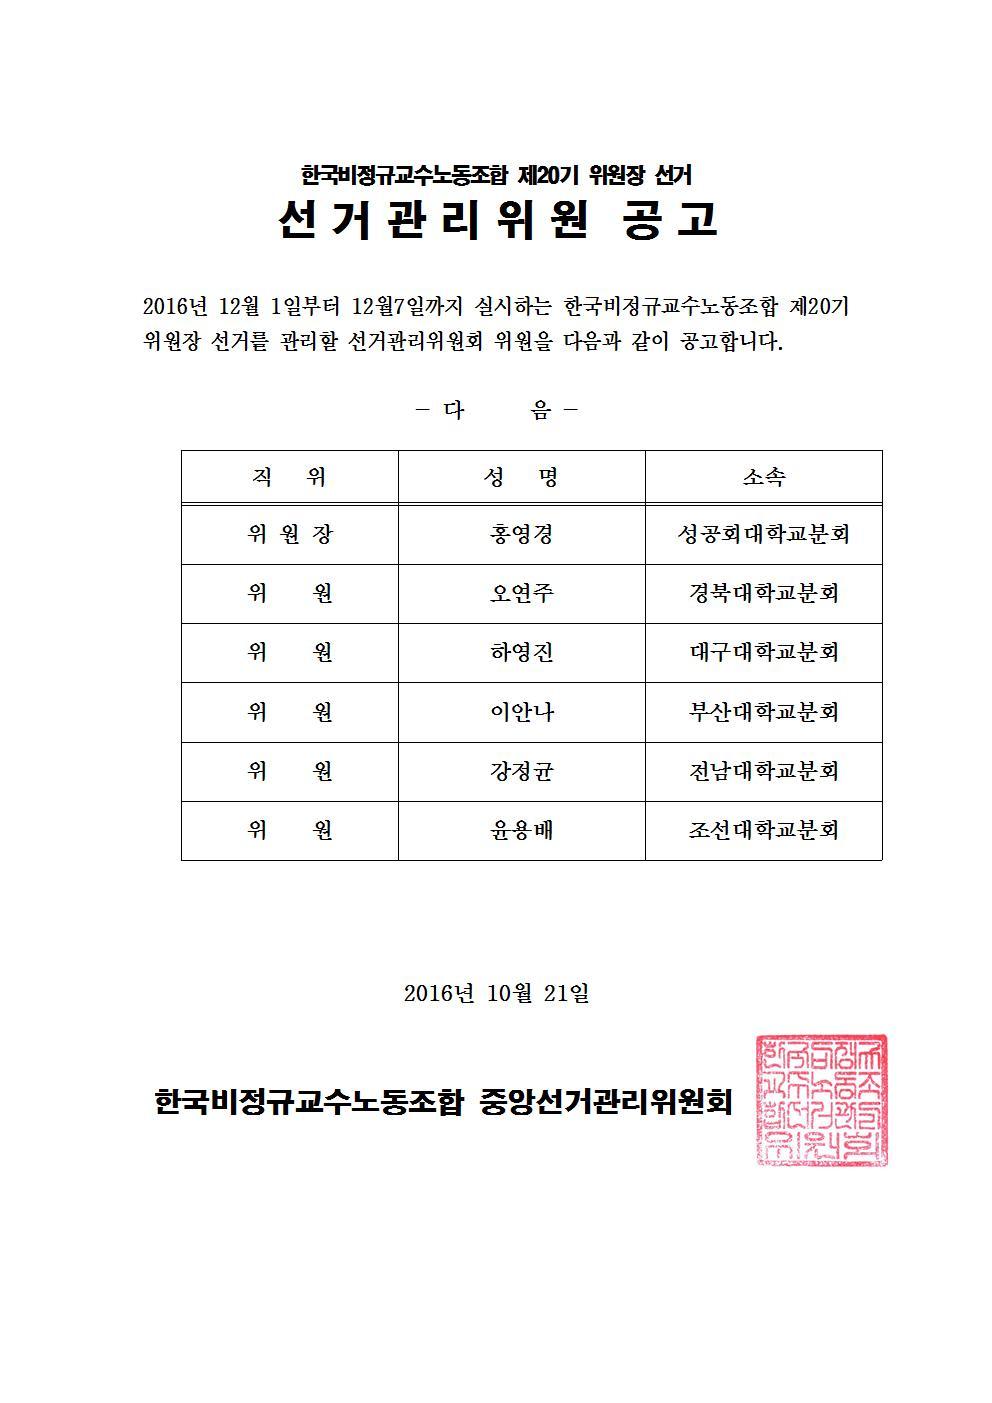 한국비정규교수노동조합 제20기 위원장 선거 jpg002.jpg